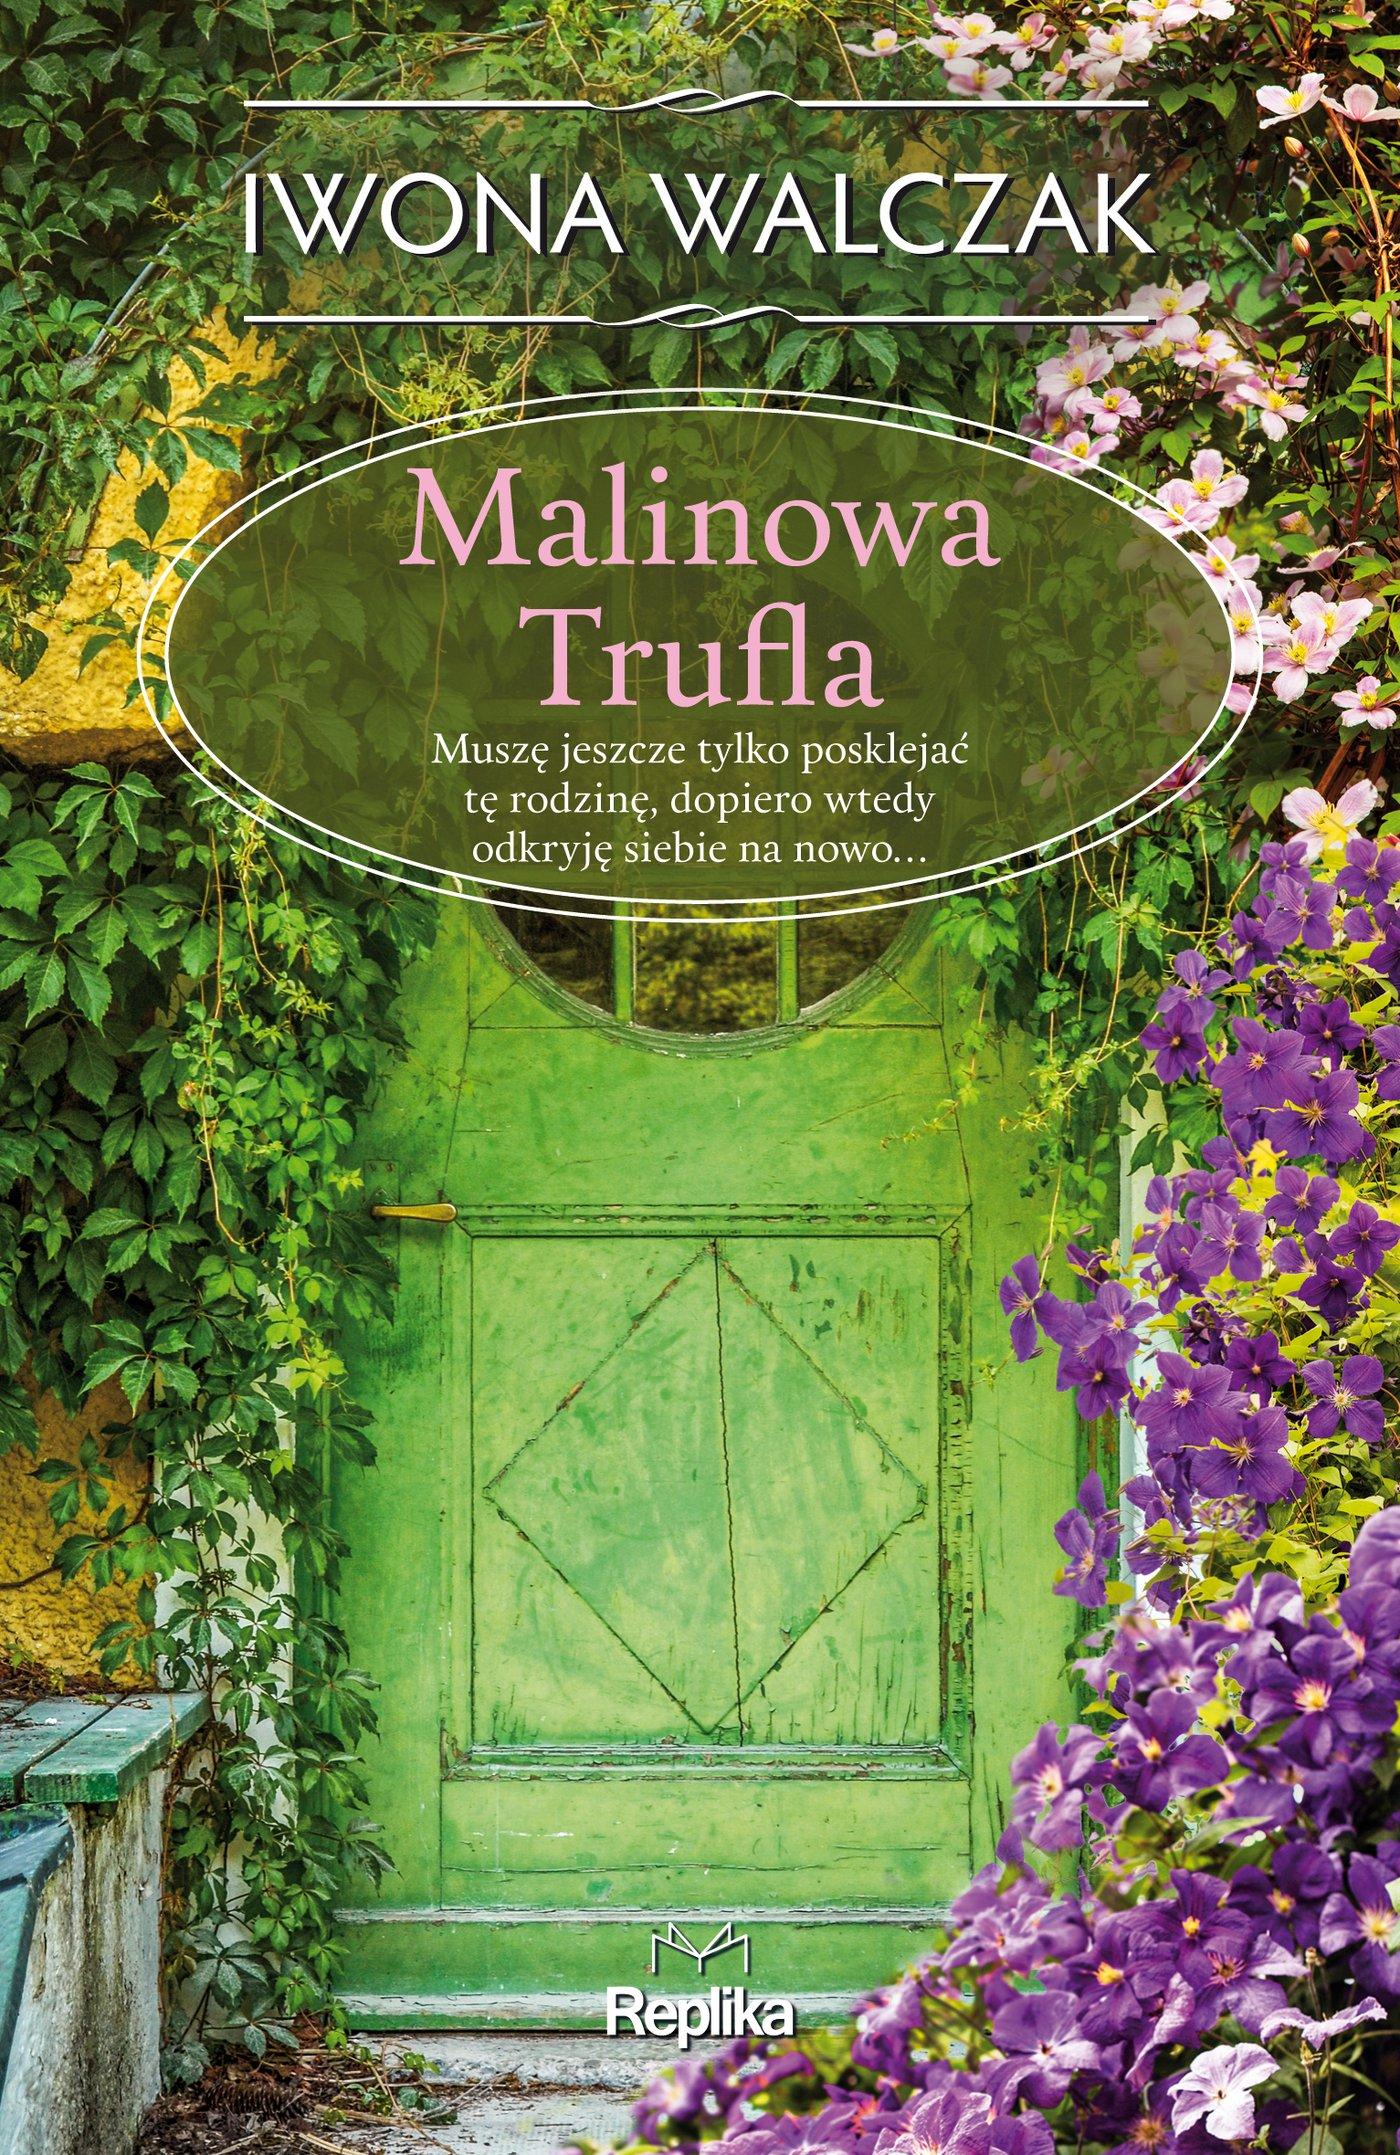 Malinowa Trufla - Ebook (Książka na Kindle) do pobrania w formacie MOBI